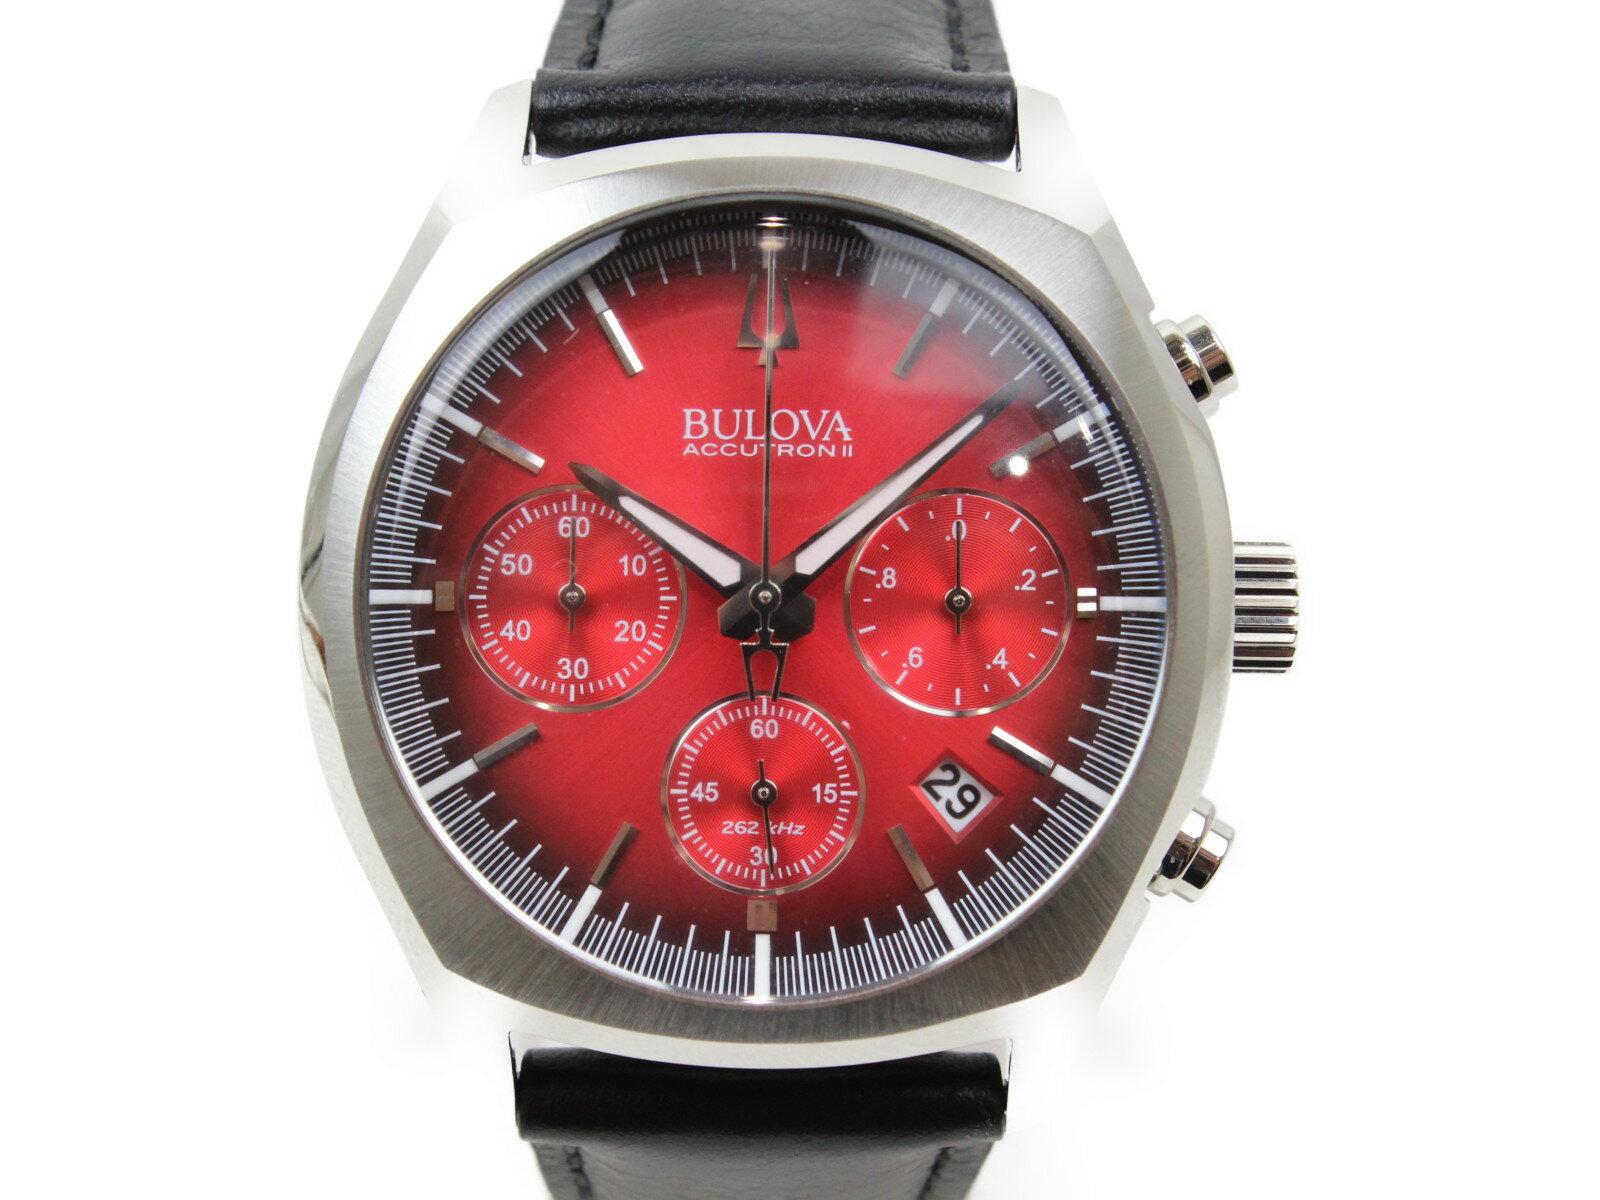 BULOVA ブローバ アキュトロンII 96B238 クオーツ デイト クロノグラフ SS ステンレススチール 革ベルト レッド ブラック メンズ 腕時計【中古】